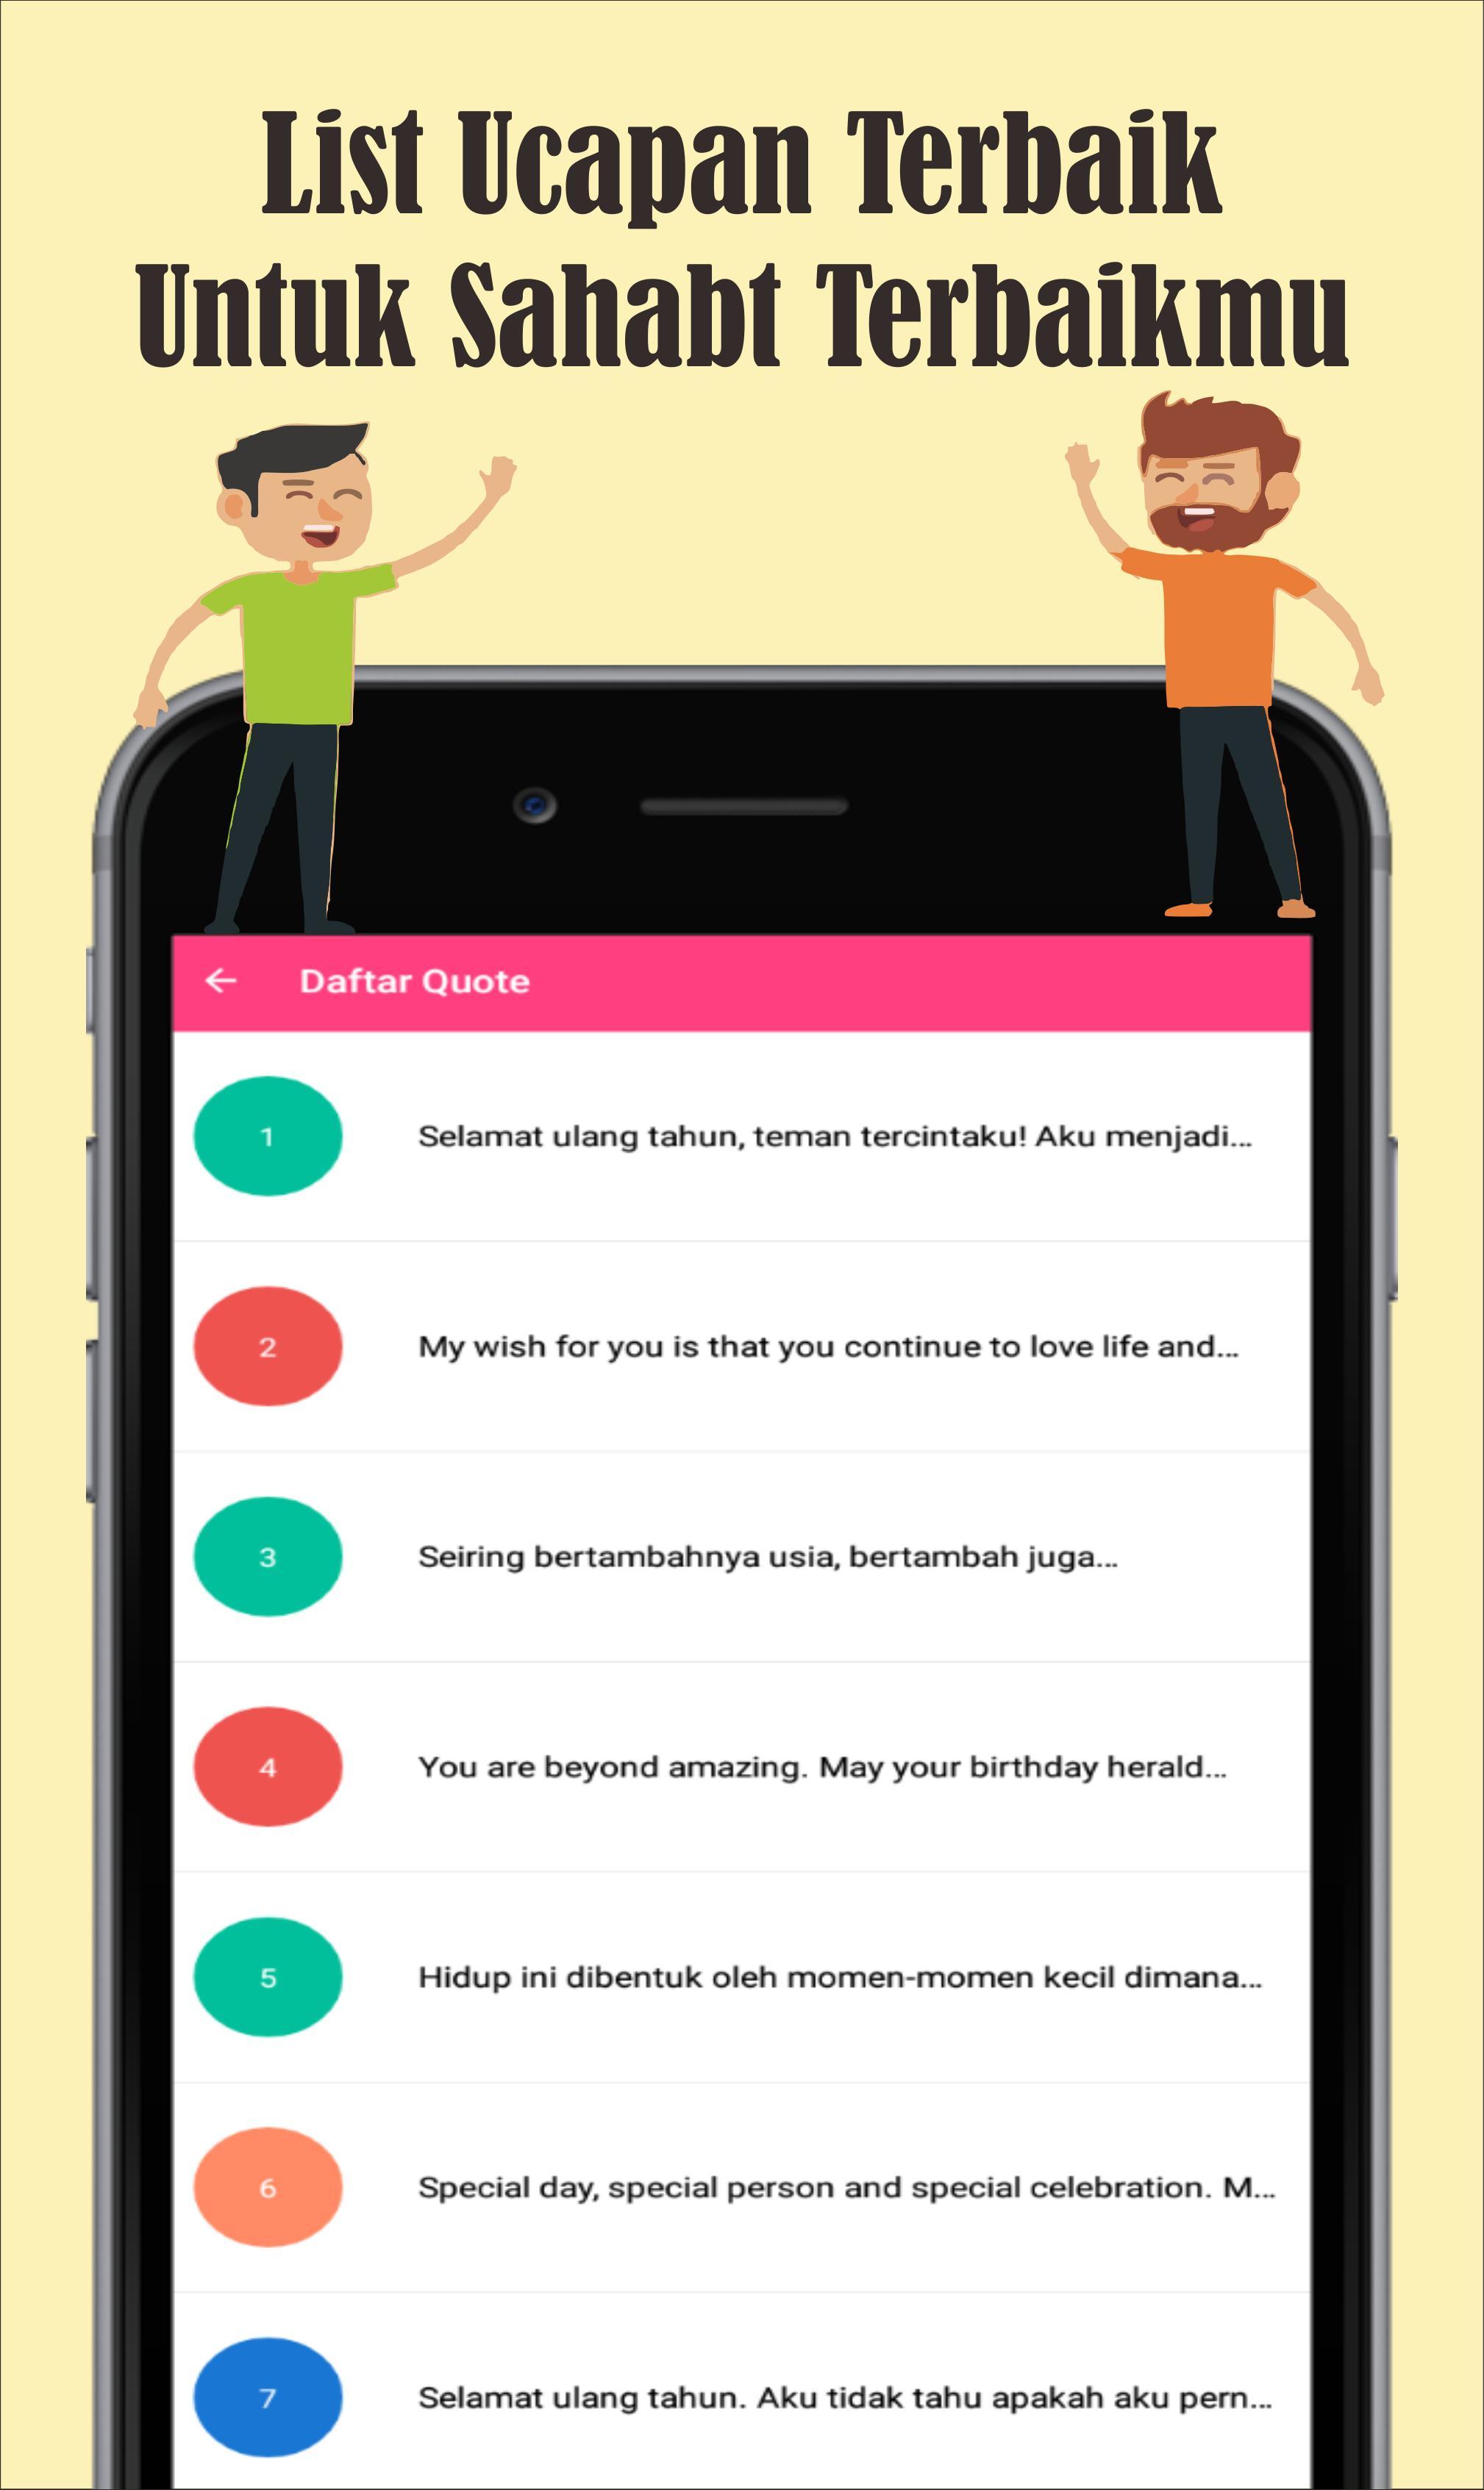 Kata Kata Bijak Persahabatan 2019 For Android APK Download